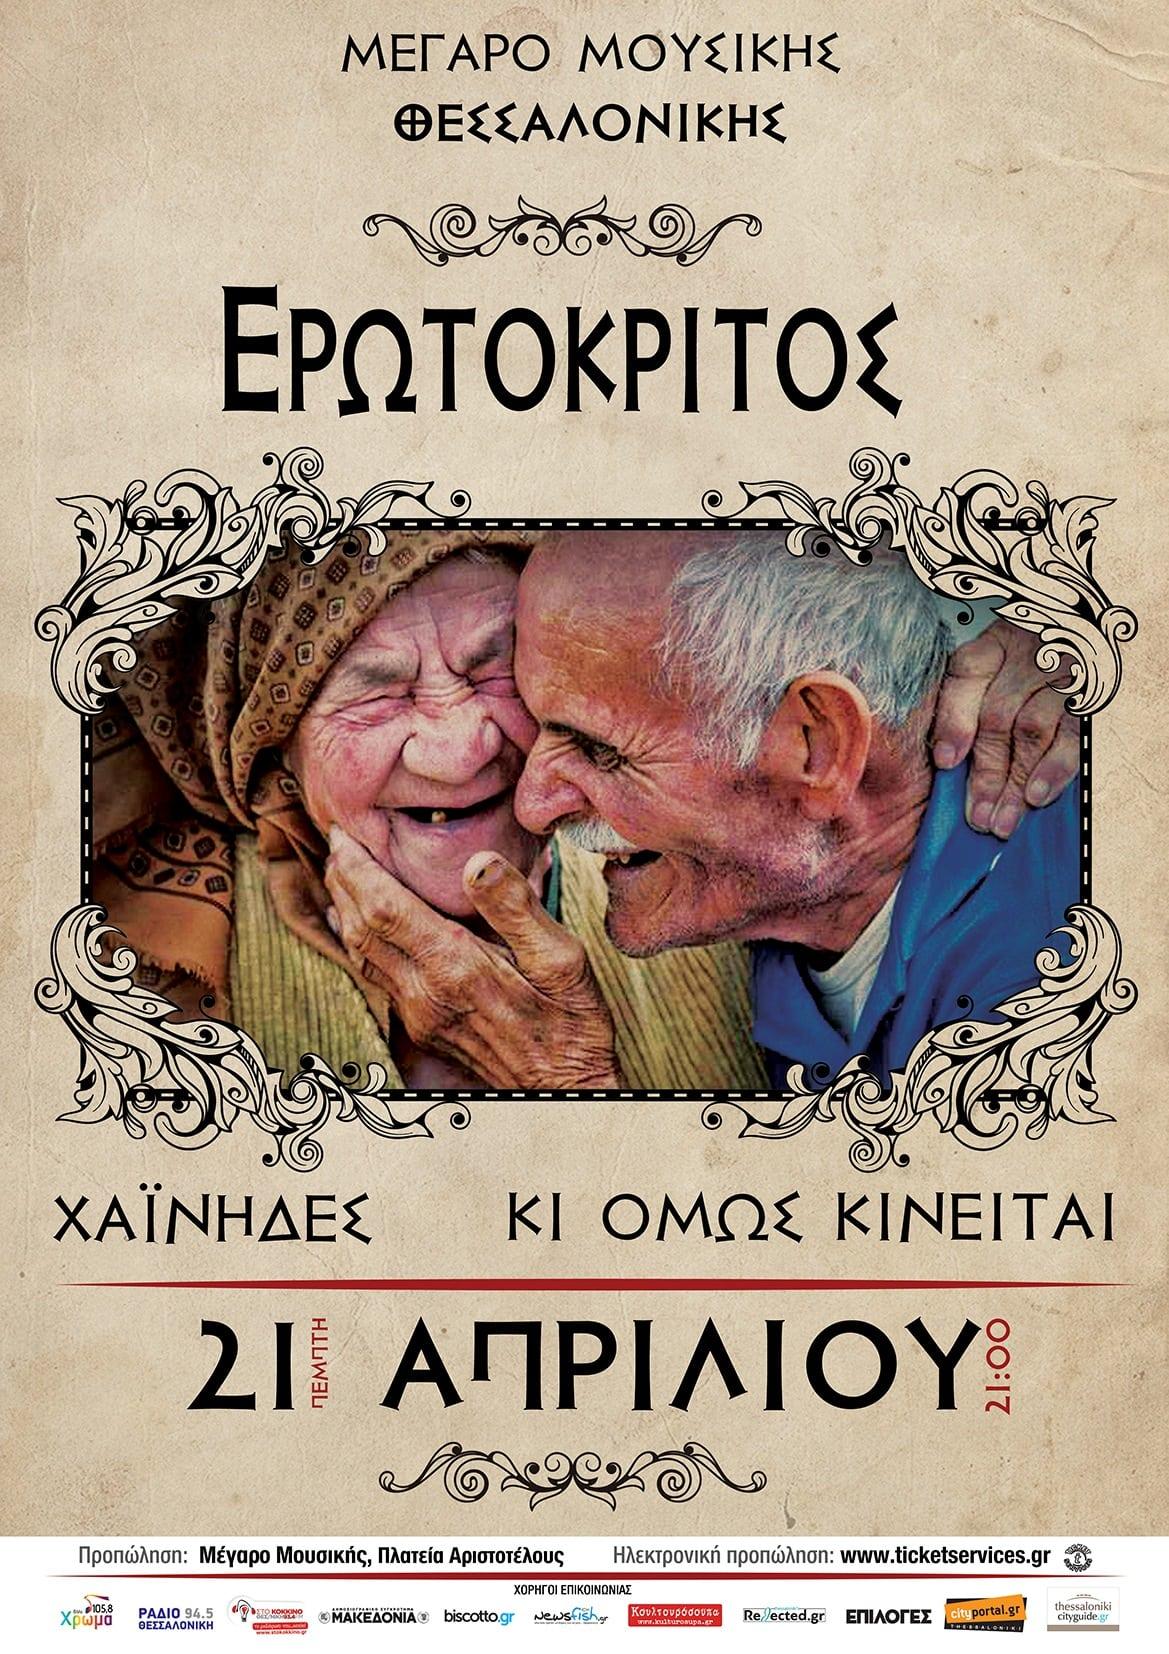 Xainides_Megaro Mousikis Thessalonikis